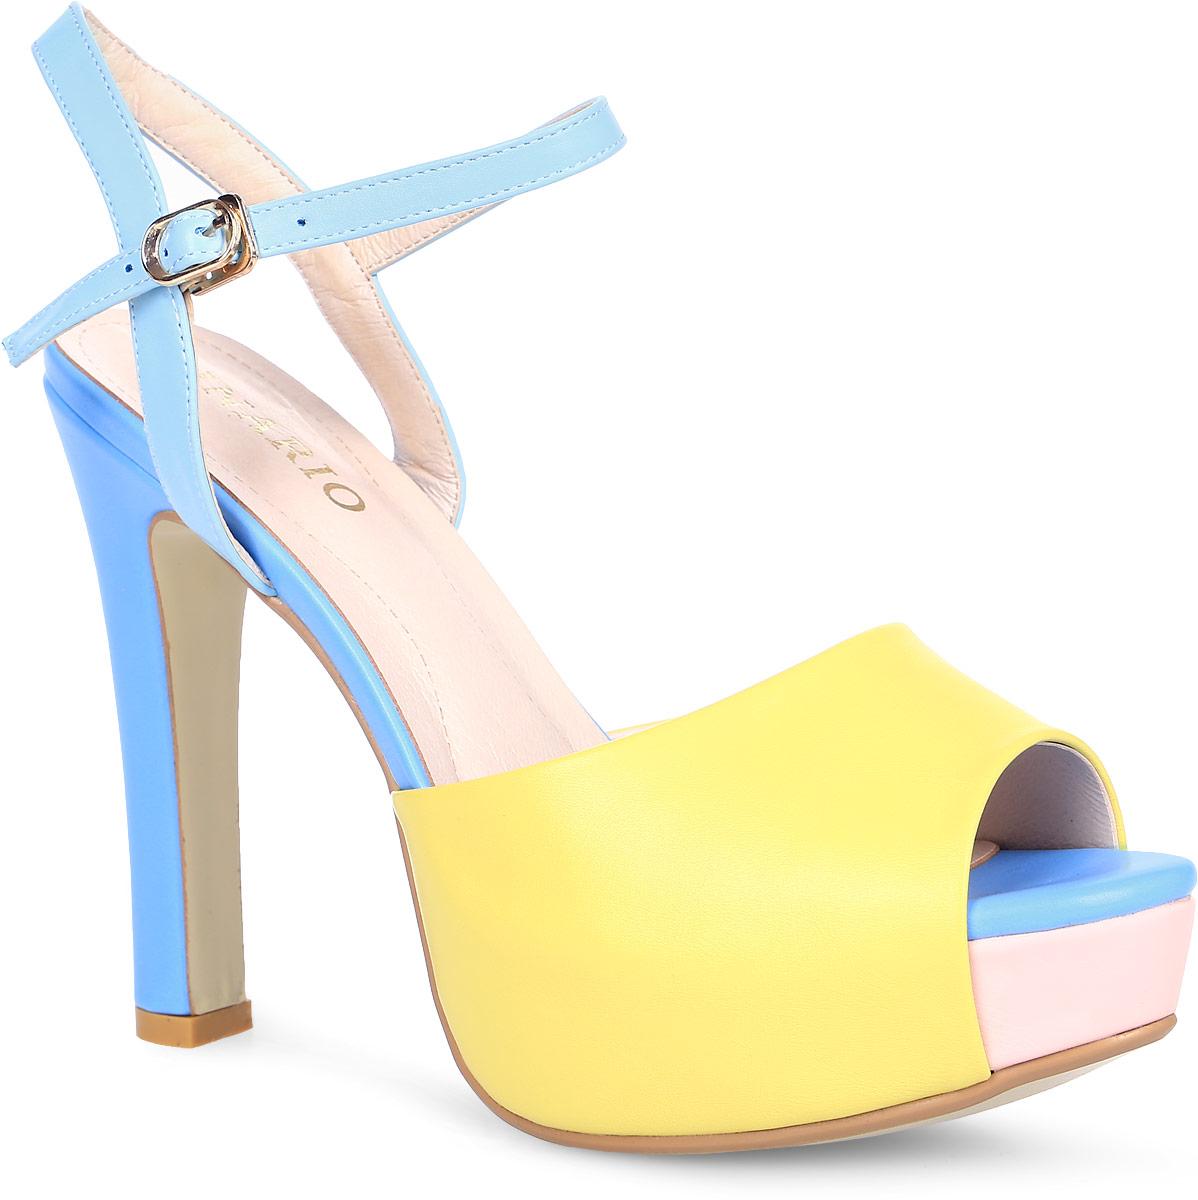 Босоножки Inario, цвет: желтый, голубой. 17121-02-6. Размер 4017121-02-6Яркие босоножки Inario на платформе выполнены из искусственной кожи. Модель фиксируется на ноге при помощи ремешка на пряжке. Внутренняя поверхность и стелька из искусственной кожи создают комфорт при движении. Подошва выполнена из прочного полимерного материала. Модель имеет высокий устойчивый каблук.